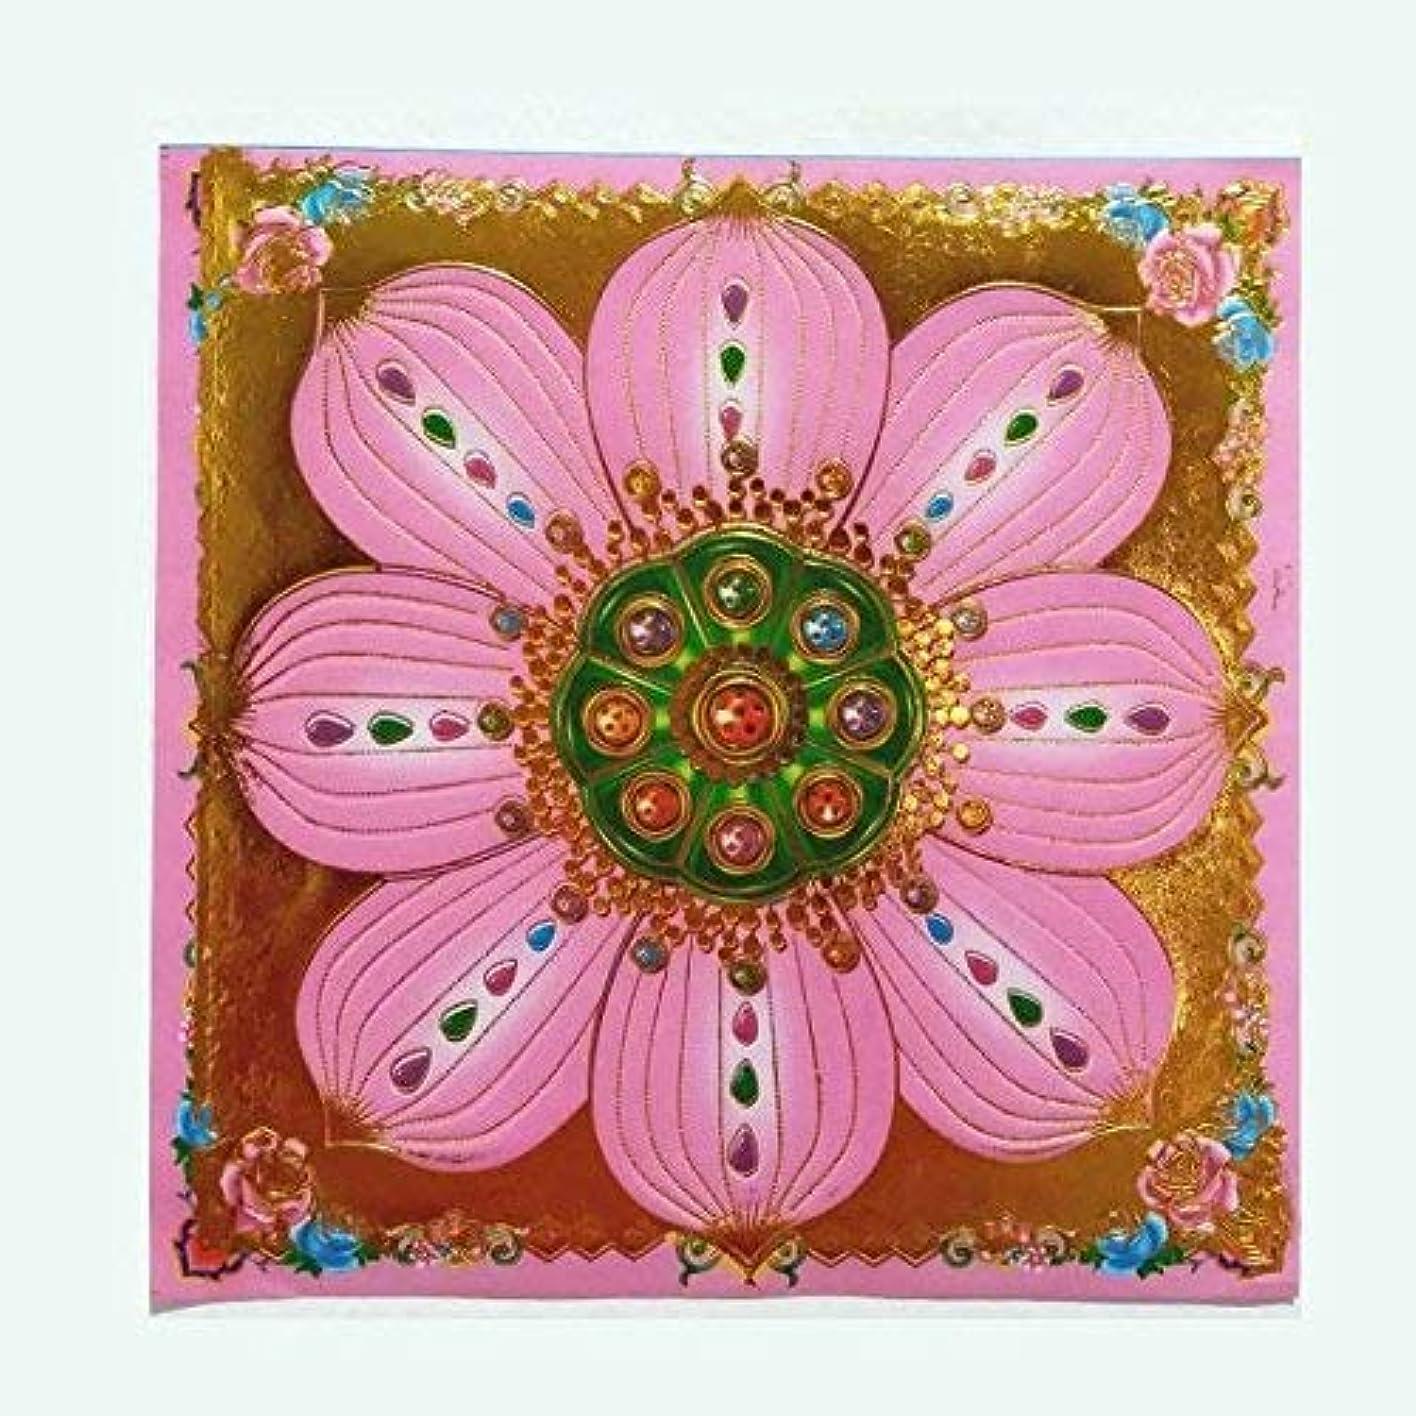 ルアー衣服まさに40pcs Incense用紙/ Joss用紙ハイグレードカラフルwithゴールドの箔Sサイズの祖先Praying 7.5インチx 7.5インチ(ピンク)